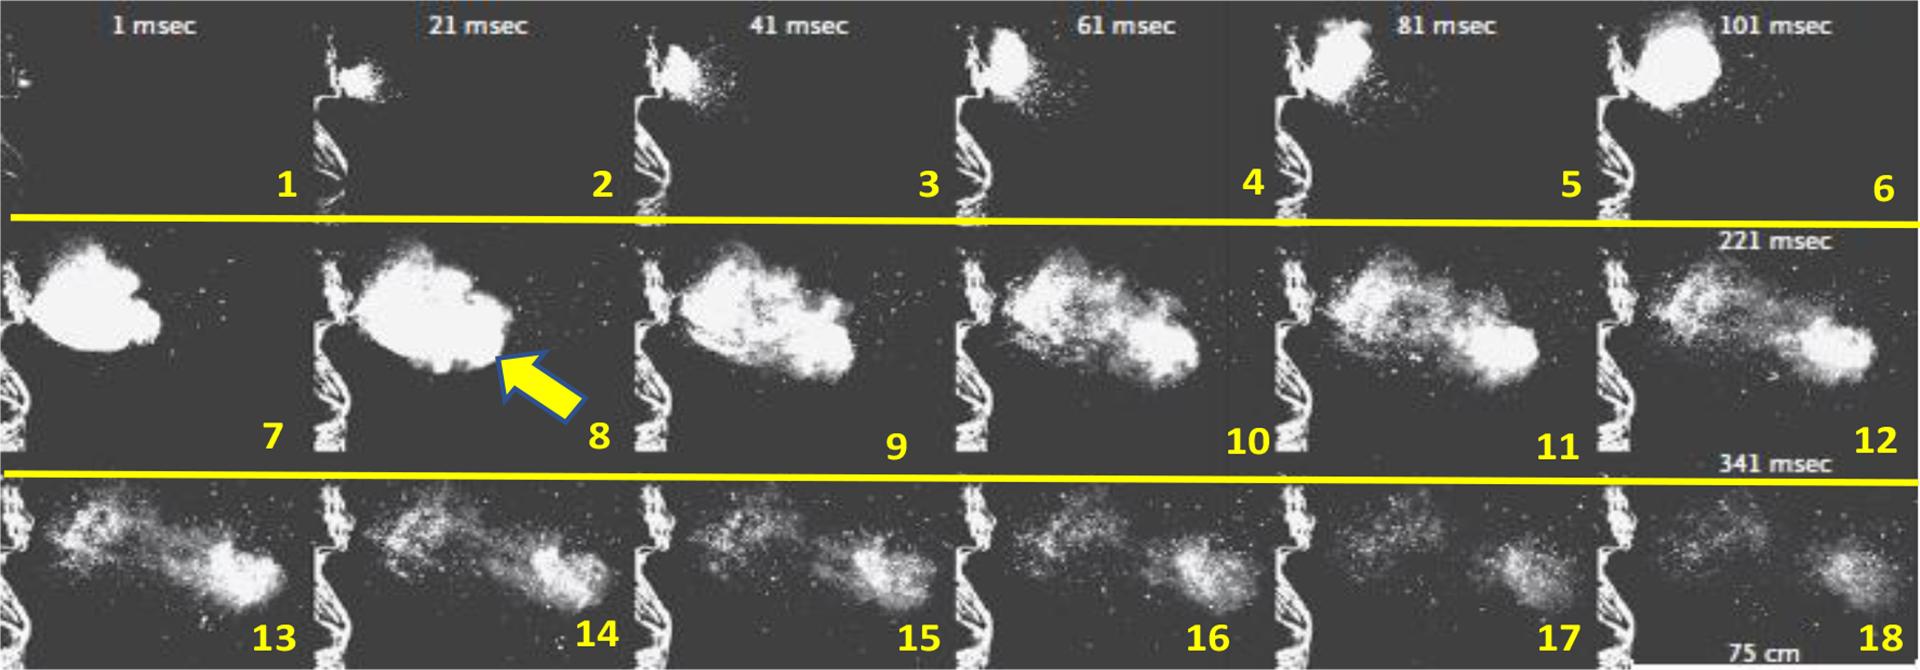 Estornudo con 1000 f/s. En estos 18 cuadros 20 mseg de diferencia se observa el desarrollo de la gran Nube de Gas Turbulenta que atrapa el aire ambiente. Se observa en cuadrados 3, 4 y 5 el comienzo de la Nube de Gas Turbulenta, y en los nro. 6, 7, 8 y 9 su expansión. En los cuadrados finales el inicio de la dispersión, con ya deshidratación de las microgotas con diferentes tamaños. (A Sneeze. Lydia Bourouiba, N Engl J Med 2016; 375:e15 DOI: 10.1056)